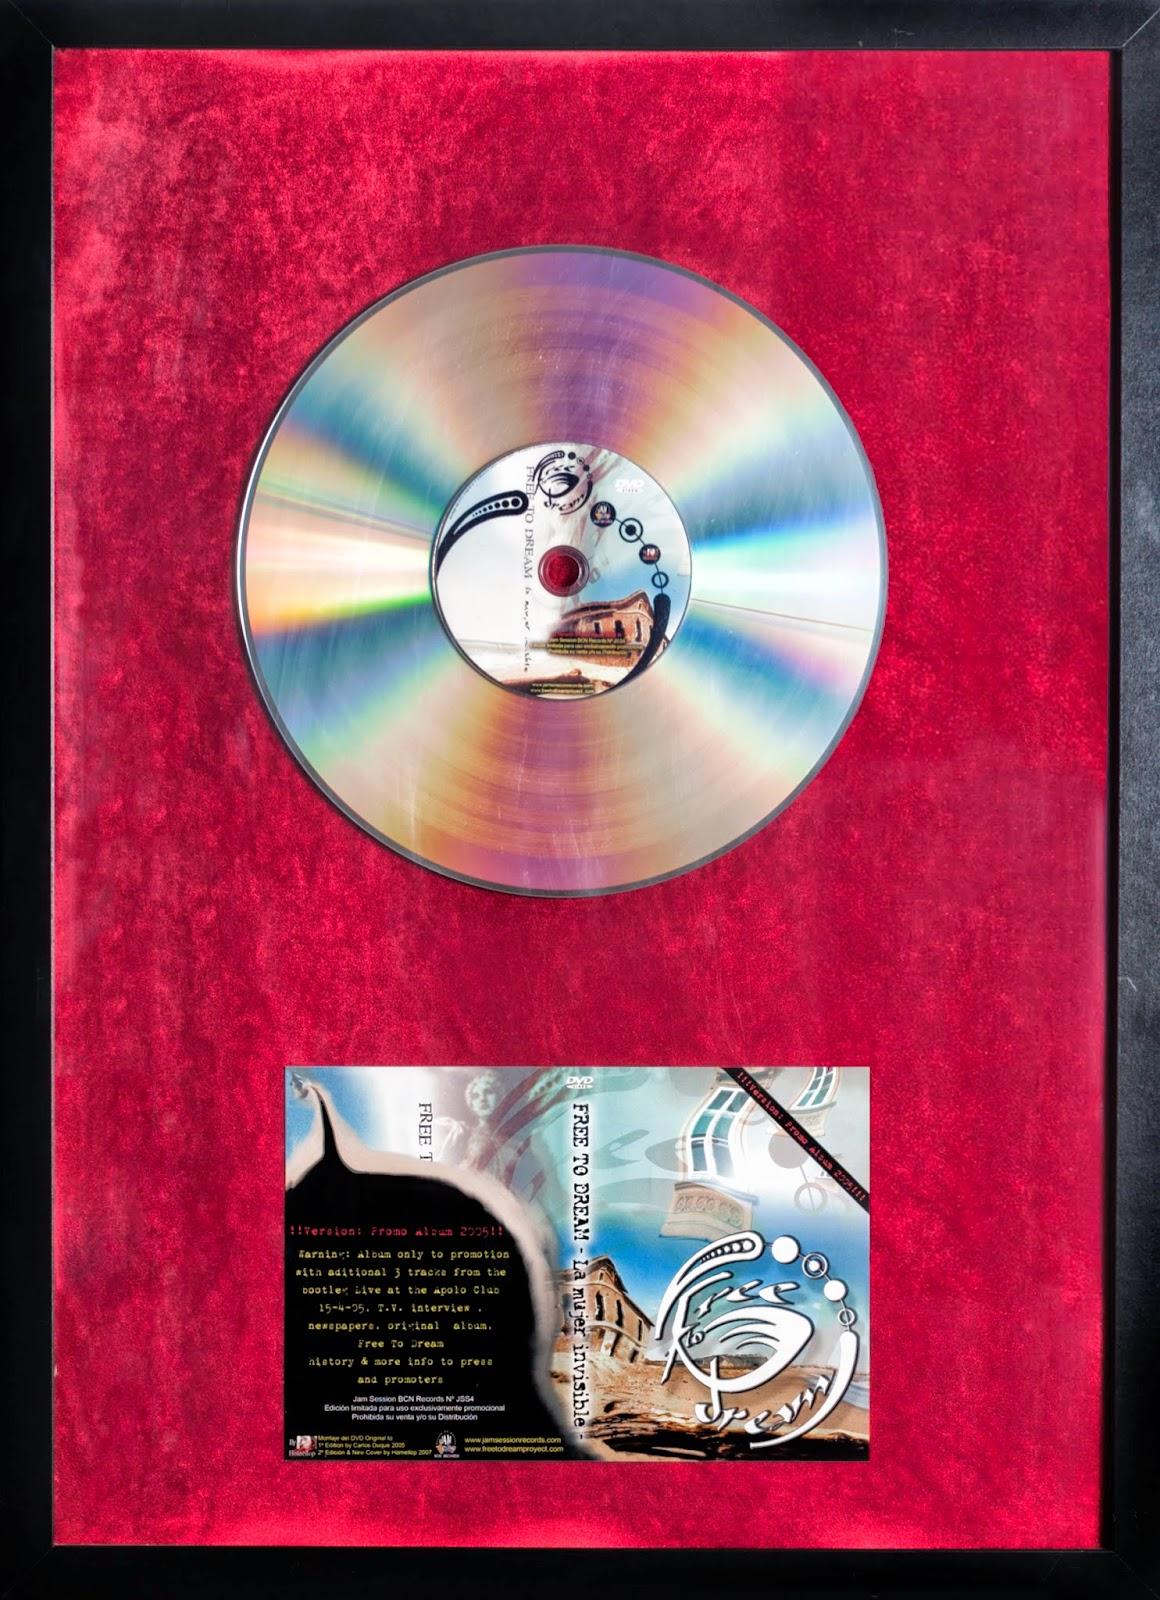 ACUSTICO GRÁTIS VINNY CD CIRCULAR DOWNLOAD